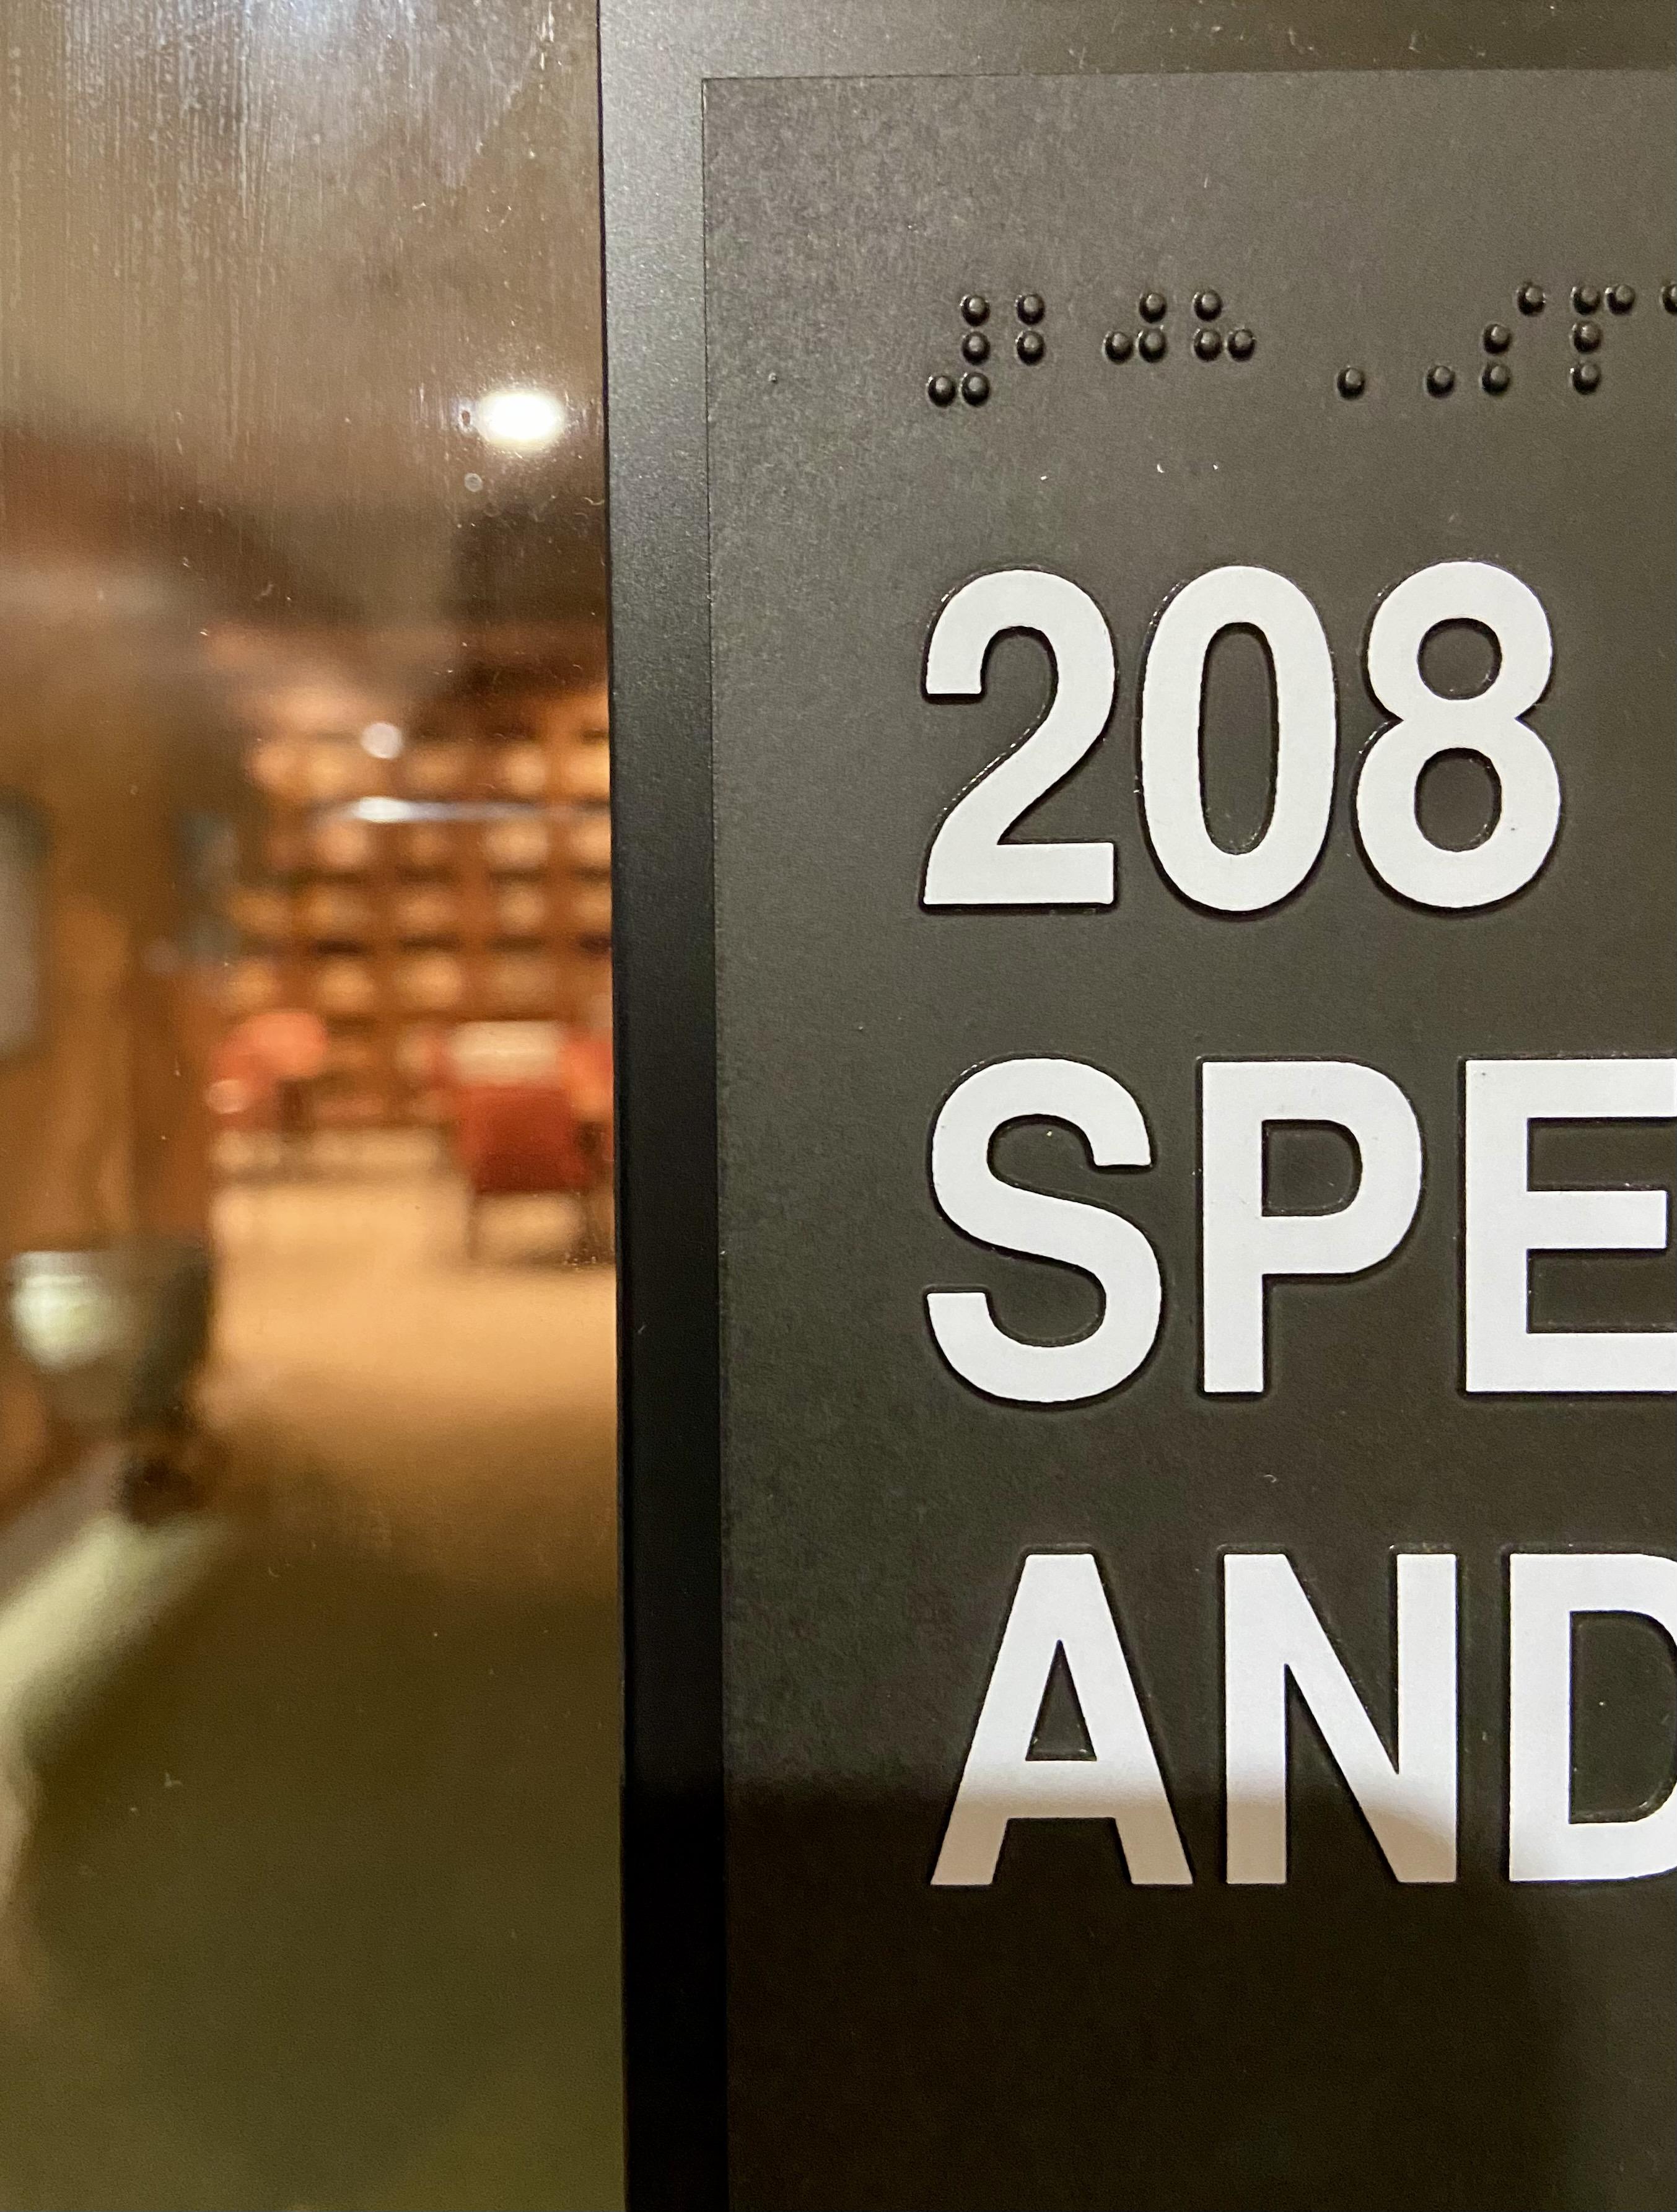 room number 208